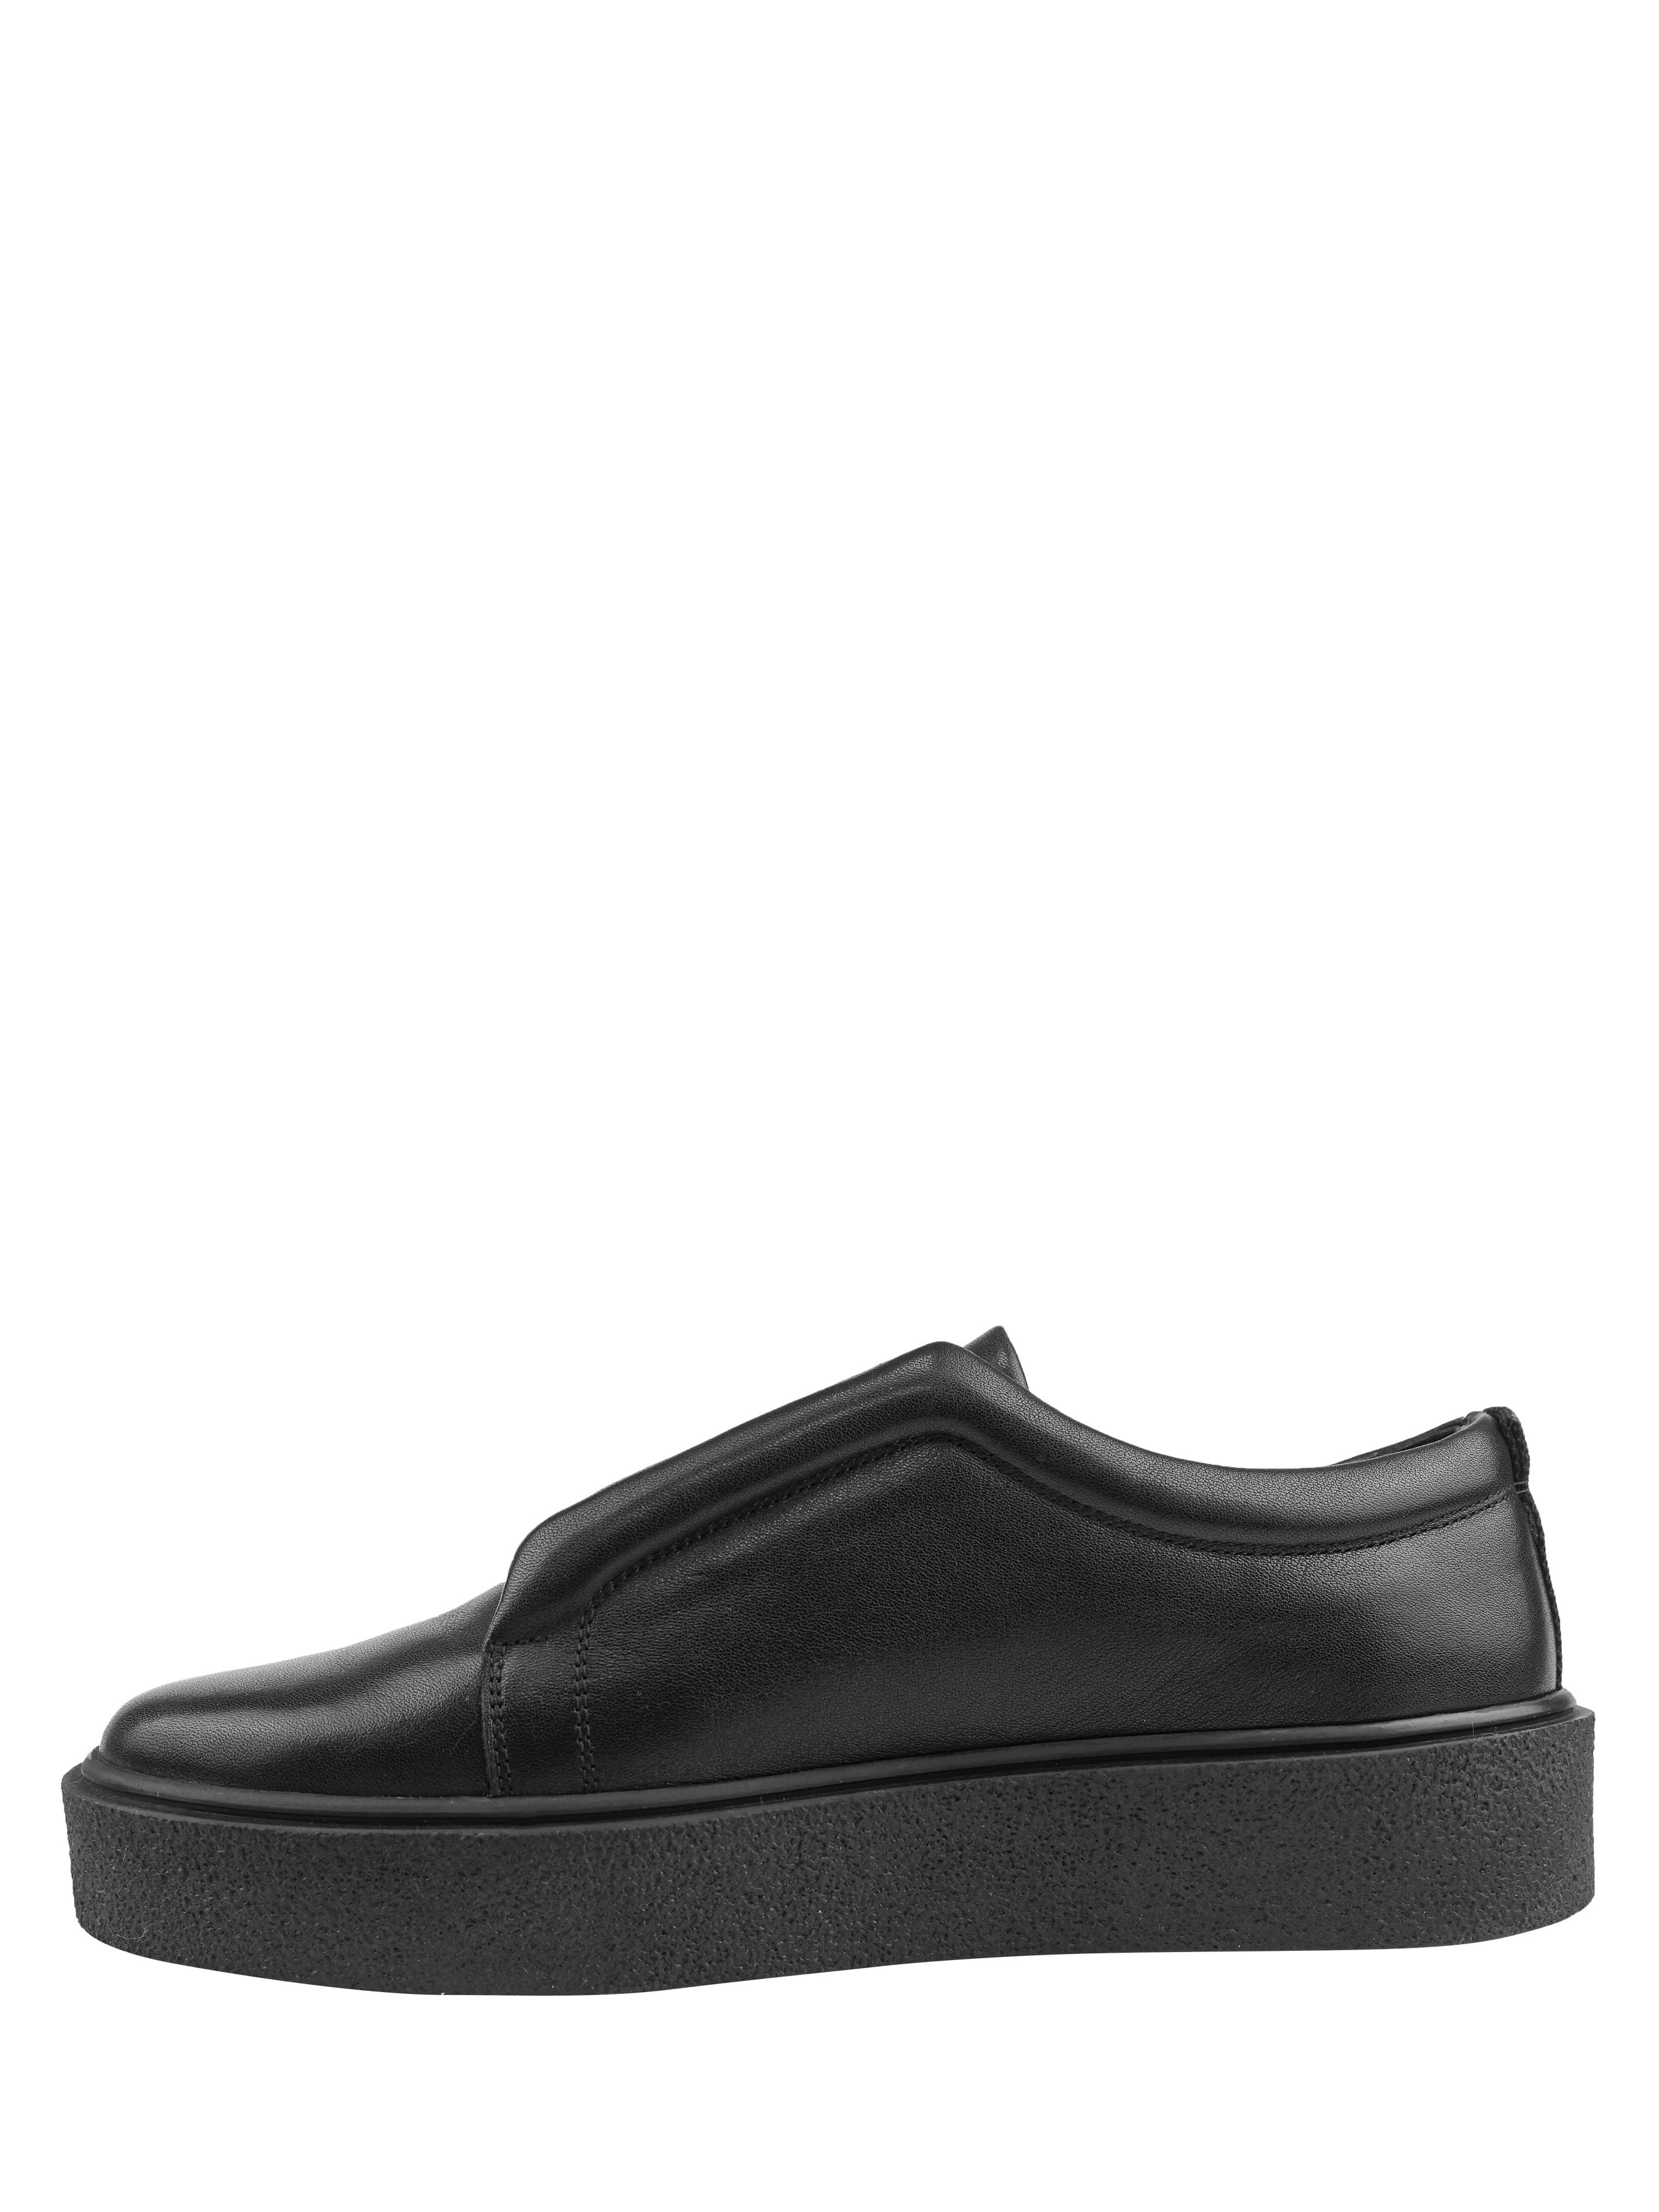 Кроссовки женские Beast Elastic Sneakers 60-637-239-201 фото, купить, 2017